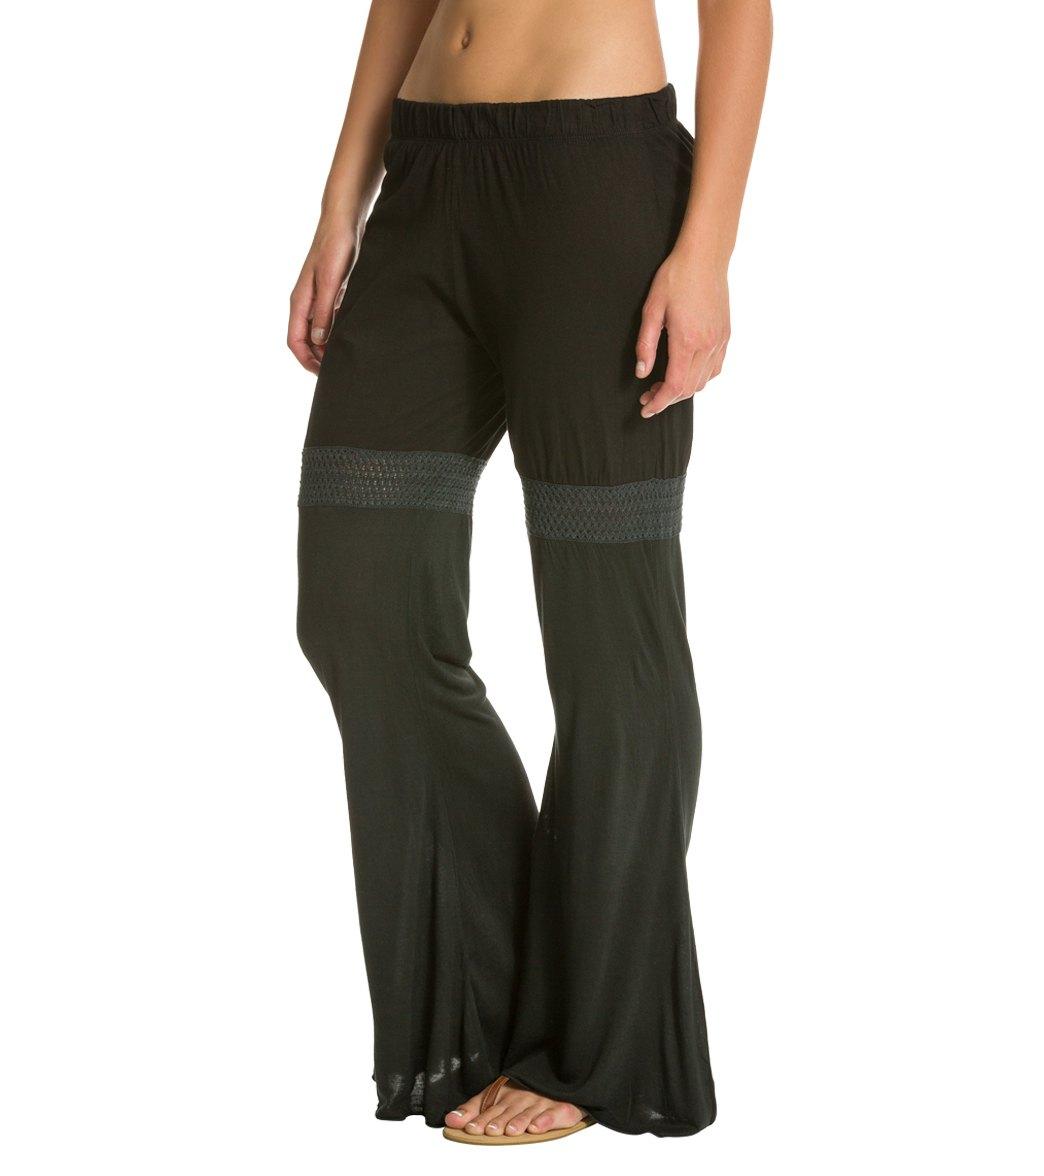 f152c121e2 Yak & Yeti Flowy Cotton Cut Out Pants at SwimOutlet.com